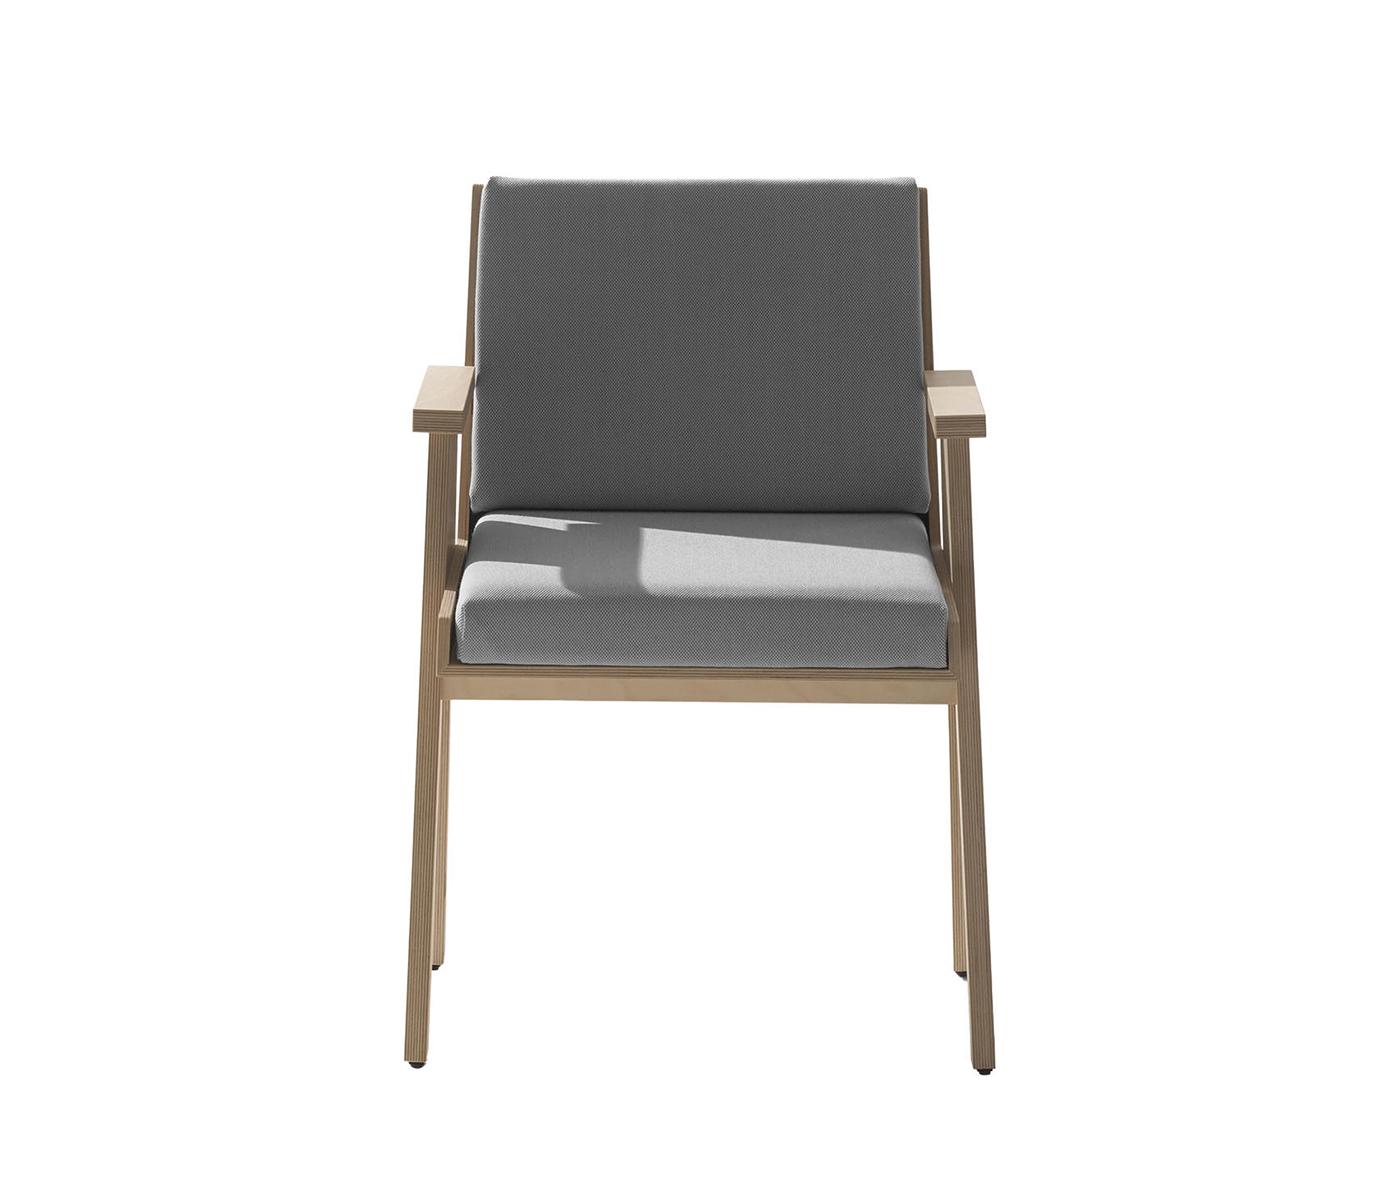 TinnappleMetz-agapecase-mangiarotti-Club-44-Chair_02